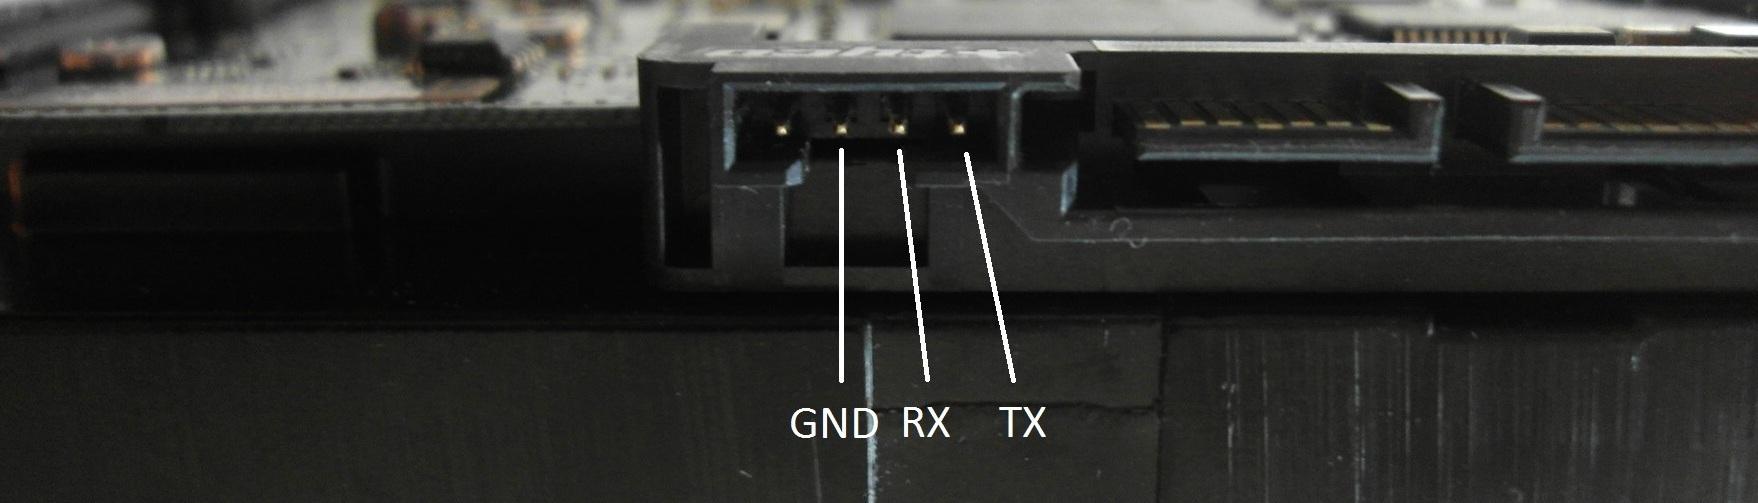 Рис. 2. Разъем для подключения через последовательный порт. Одной тайной меньше